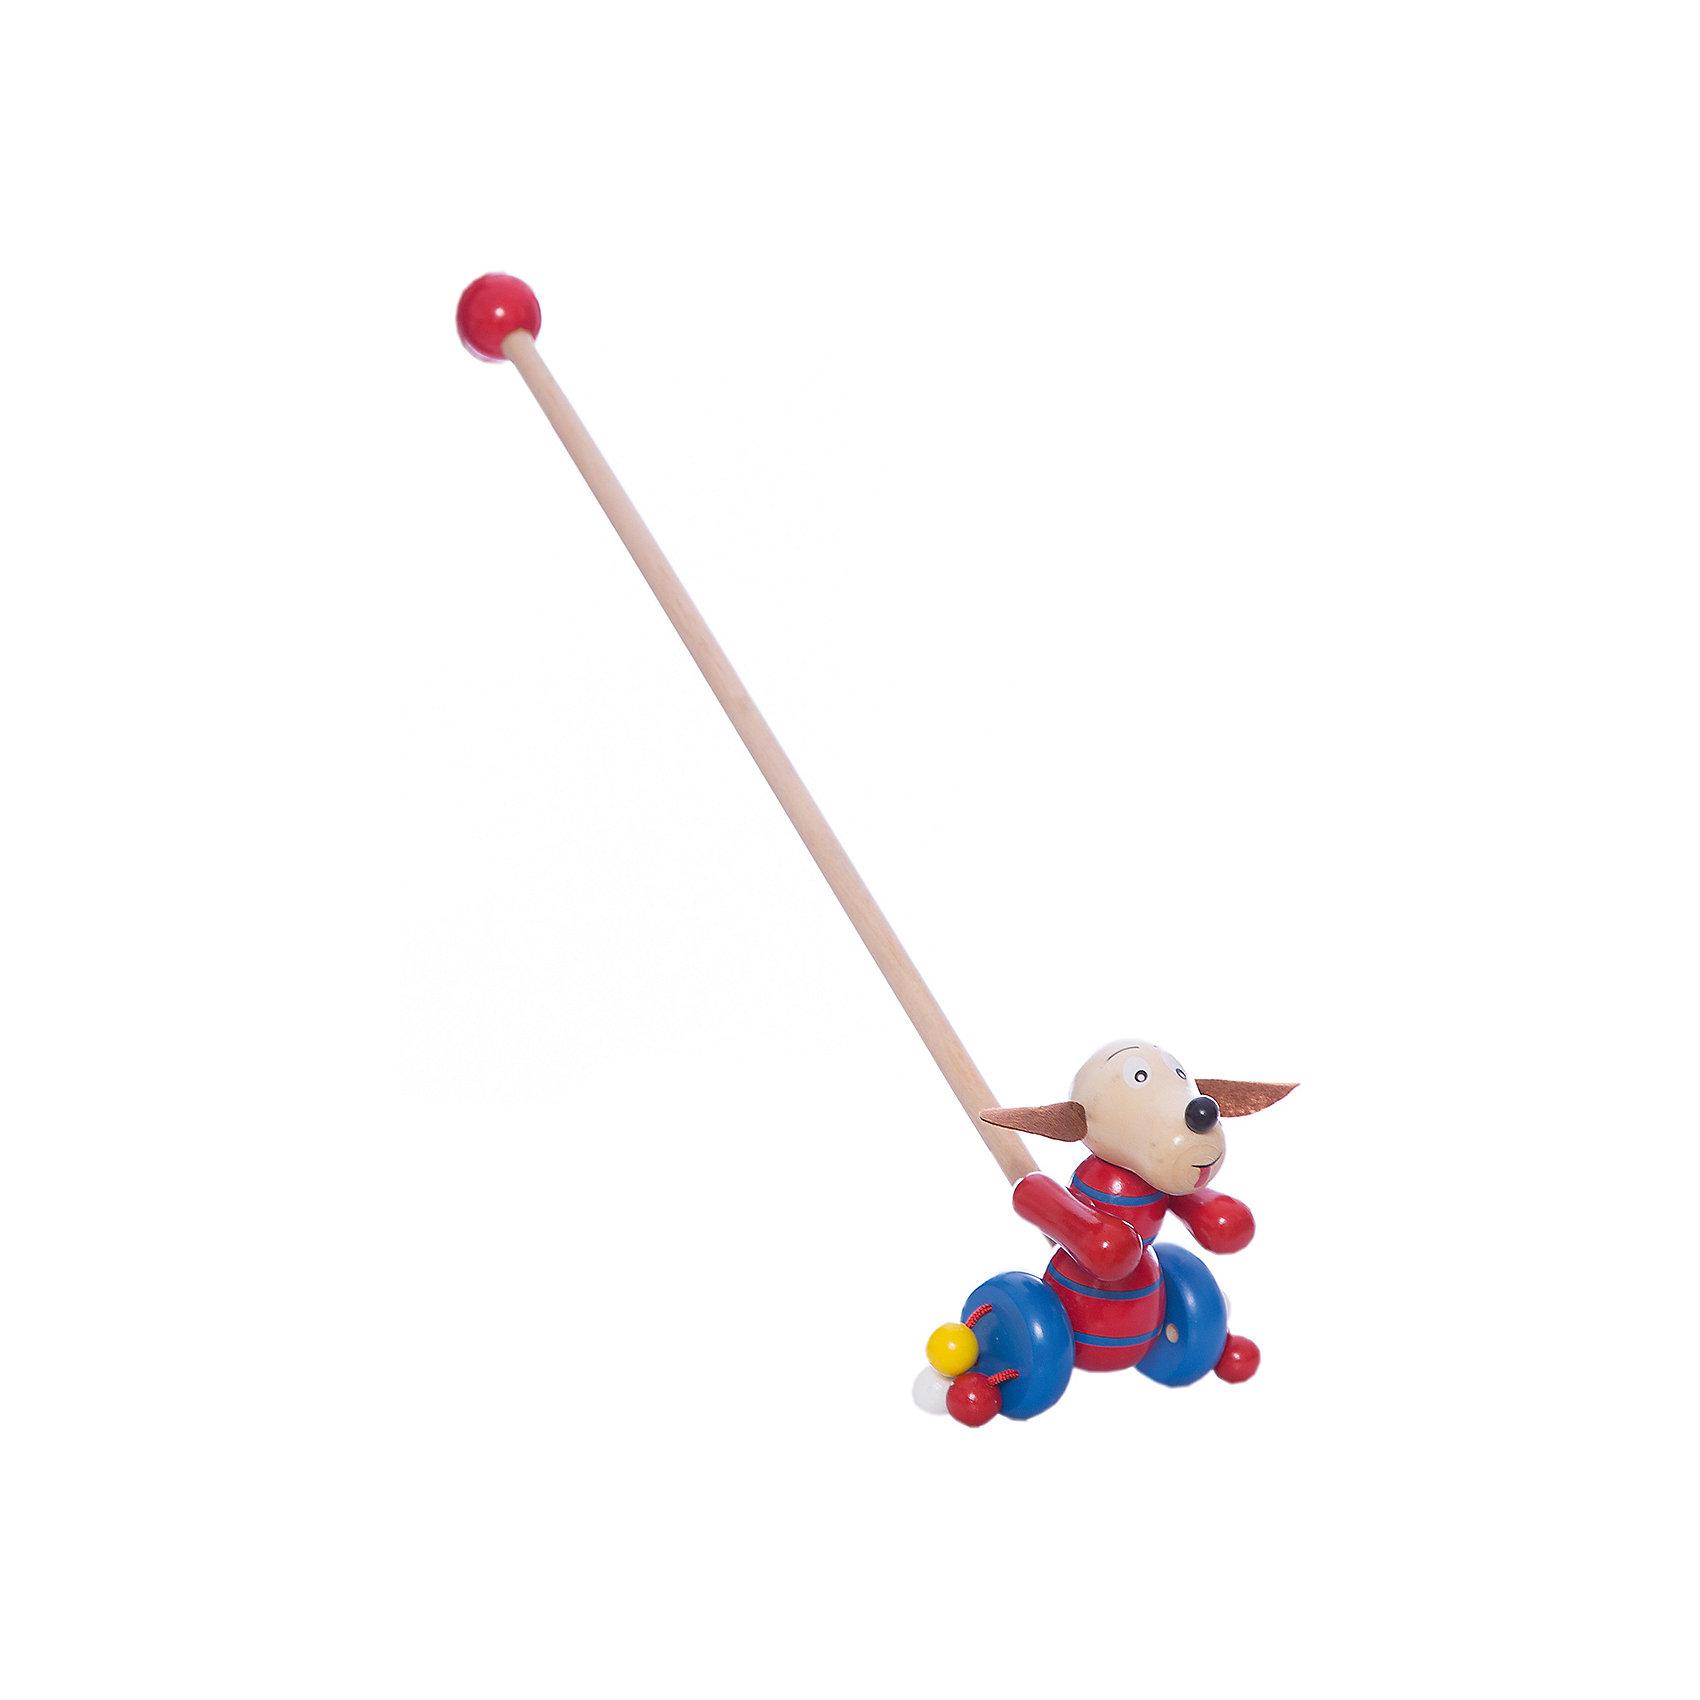 Каталка Собачка, MapachaИгрушки-каталки<br>Каталки – интересные игрушки, которые любят все малыши. Данная модель выполнена из пластика, представлена в виде собачки. Внизу у игрушки есть колесики, которые легко передвигаются по любым поверхностям. Каталка – игрушка на длинной ручке. Малыш держит игрушку за ручку и катит впереди или позади себя. Благодаря колесикам ребенок не устает носить с собой каталку. Яркие цвета, стильный дизайн – достоинства новой модели. Материалы, использованные при изготовлении товара, абсолютно безопасны и отвечают всем международным требованиям по качеству.<br><br>Дополнительные характеристики:<br><br>материал: пластик, ПВХ;<br>цвет: разноцветный;<br>габариты: 36 X 18 X 23 см.<br><br>Каталку Собачка от компании Mapacha можно приобрести в нашем магазине.<br><br>Ширина мм: 510<br>Глубина мм: 450<br>Высота мм: 320<br>Вес г: 125<br>Возраст от месяцев: 12<br>Возраст до месяцев: 36<br>Пол: Унисекс<br>Возраст: Детский<br>SKU: 5032496